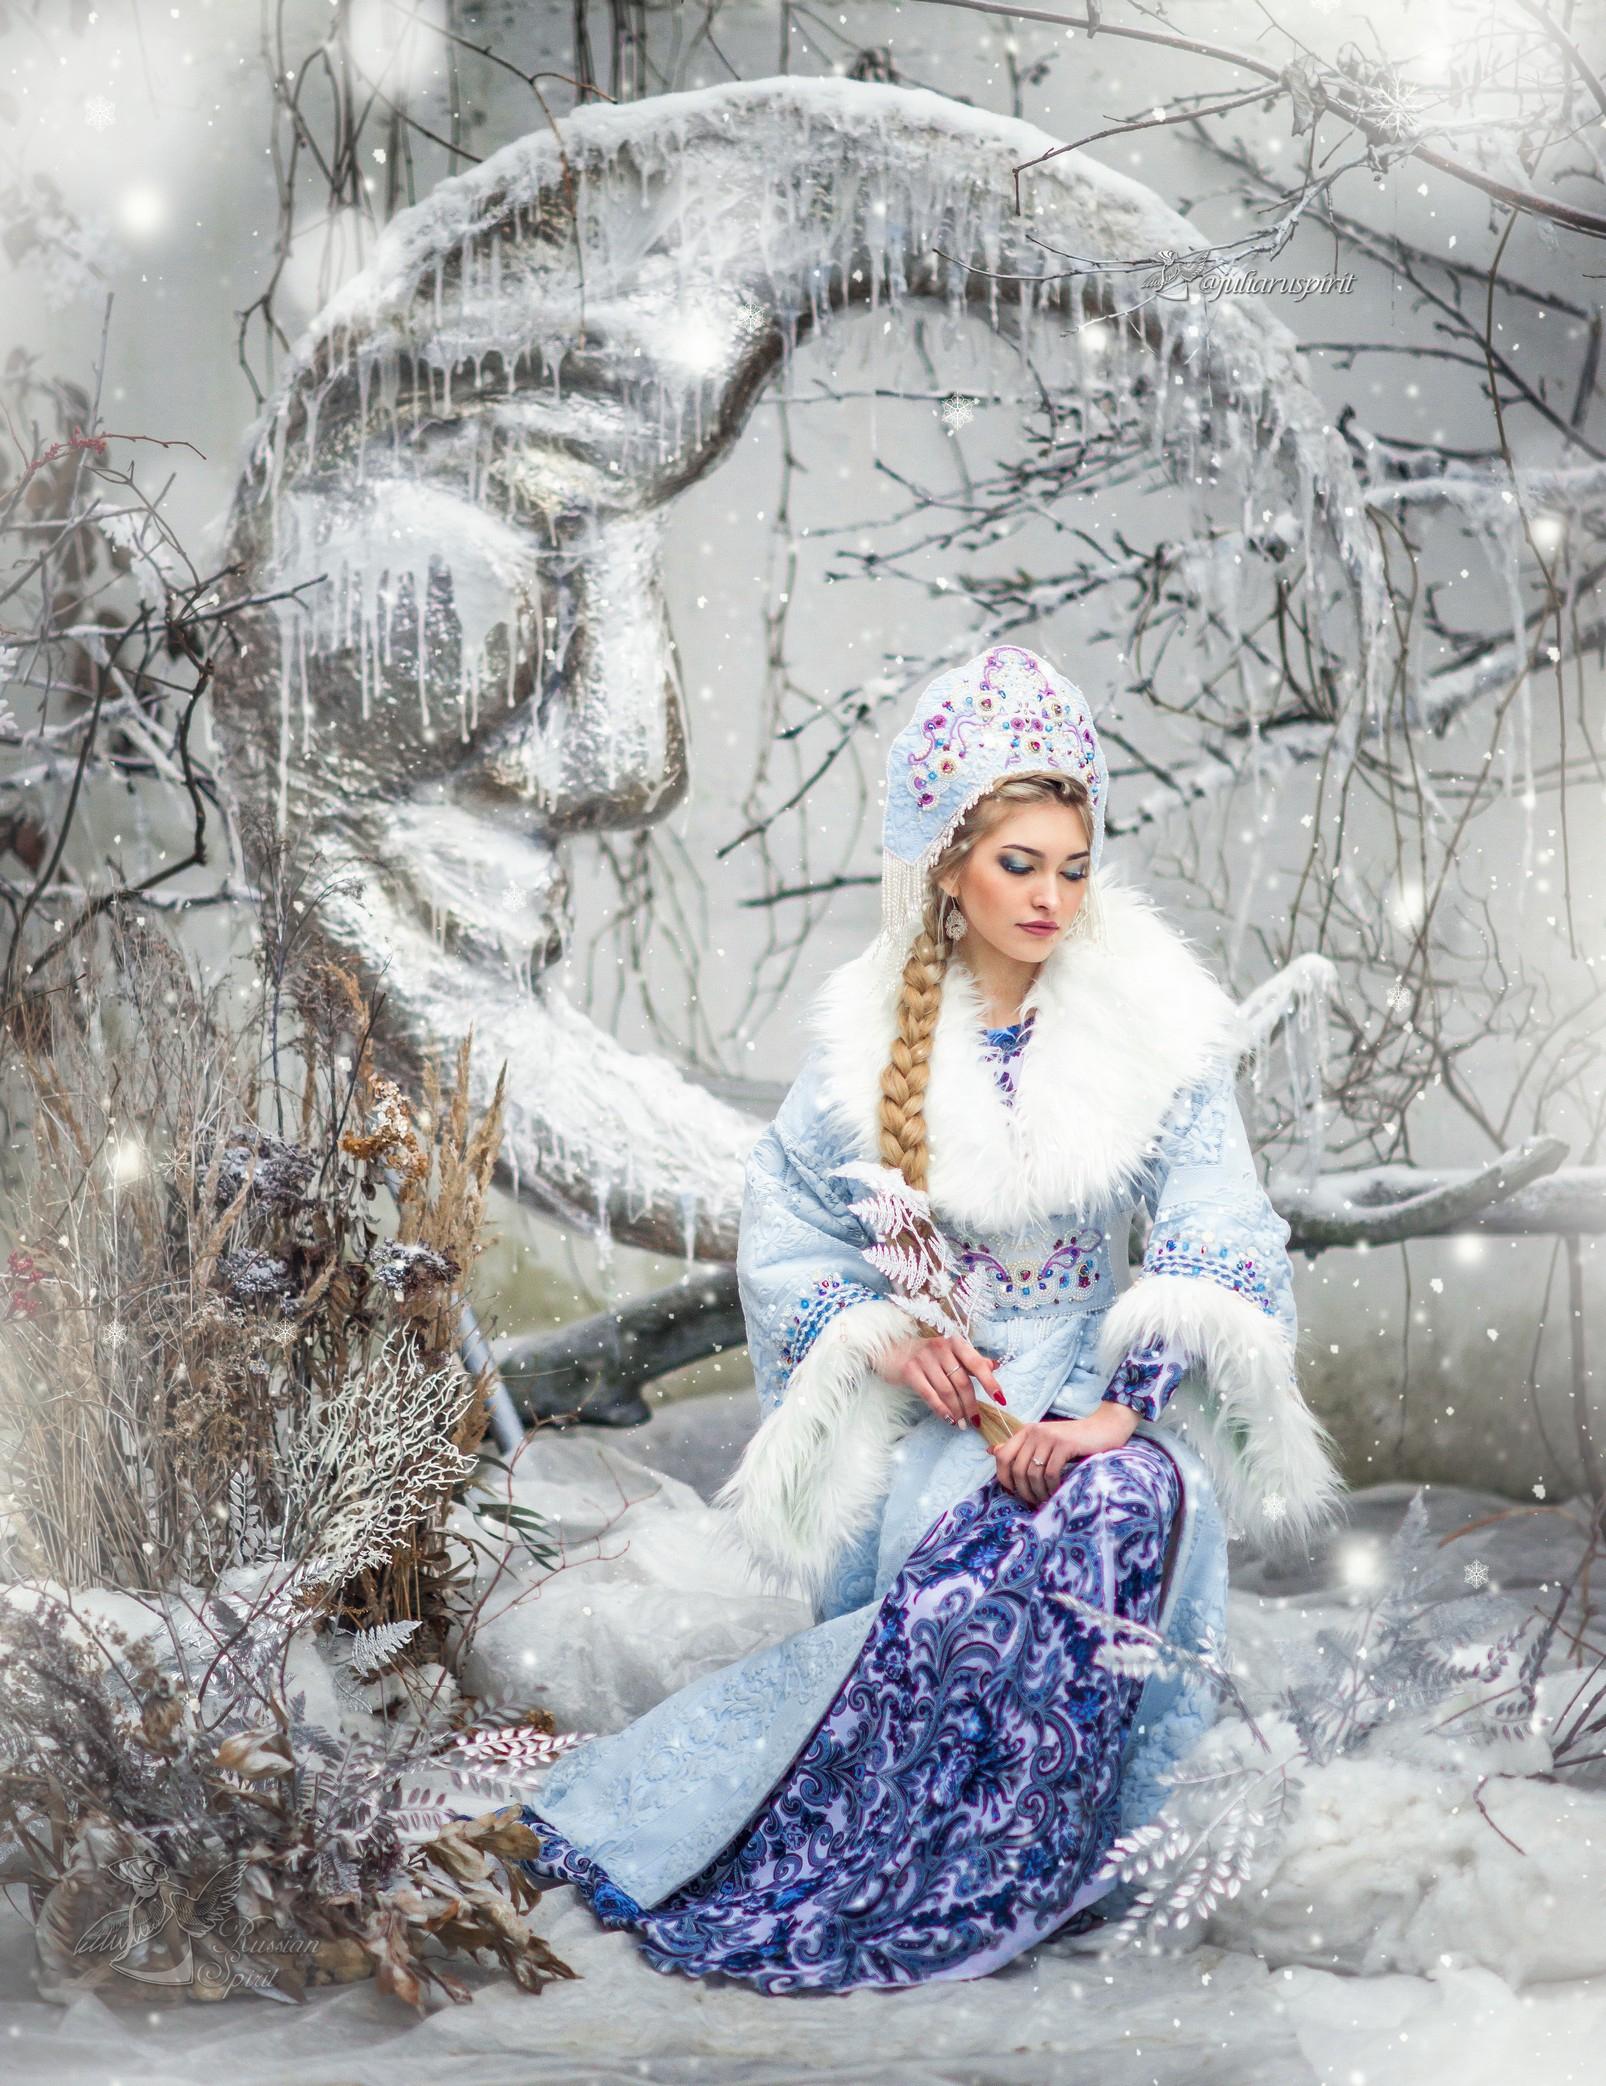 Девушка в кокошнике и  кафтане, расшитом бусинами. Костюм Снегурочки.